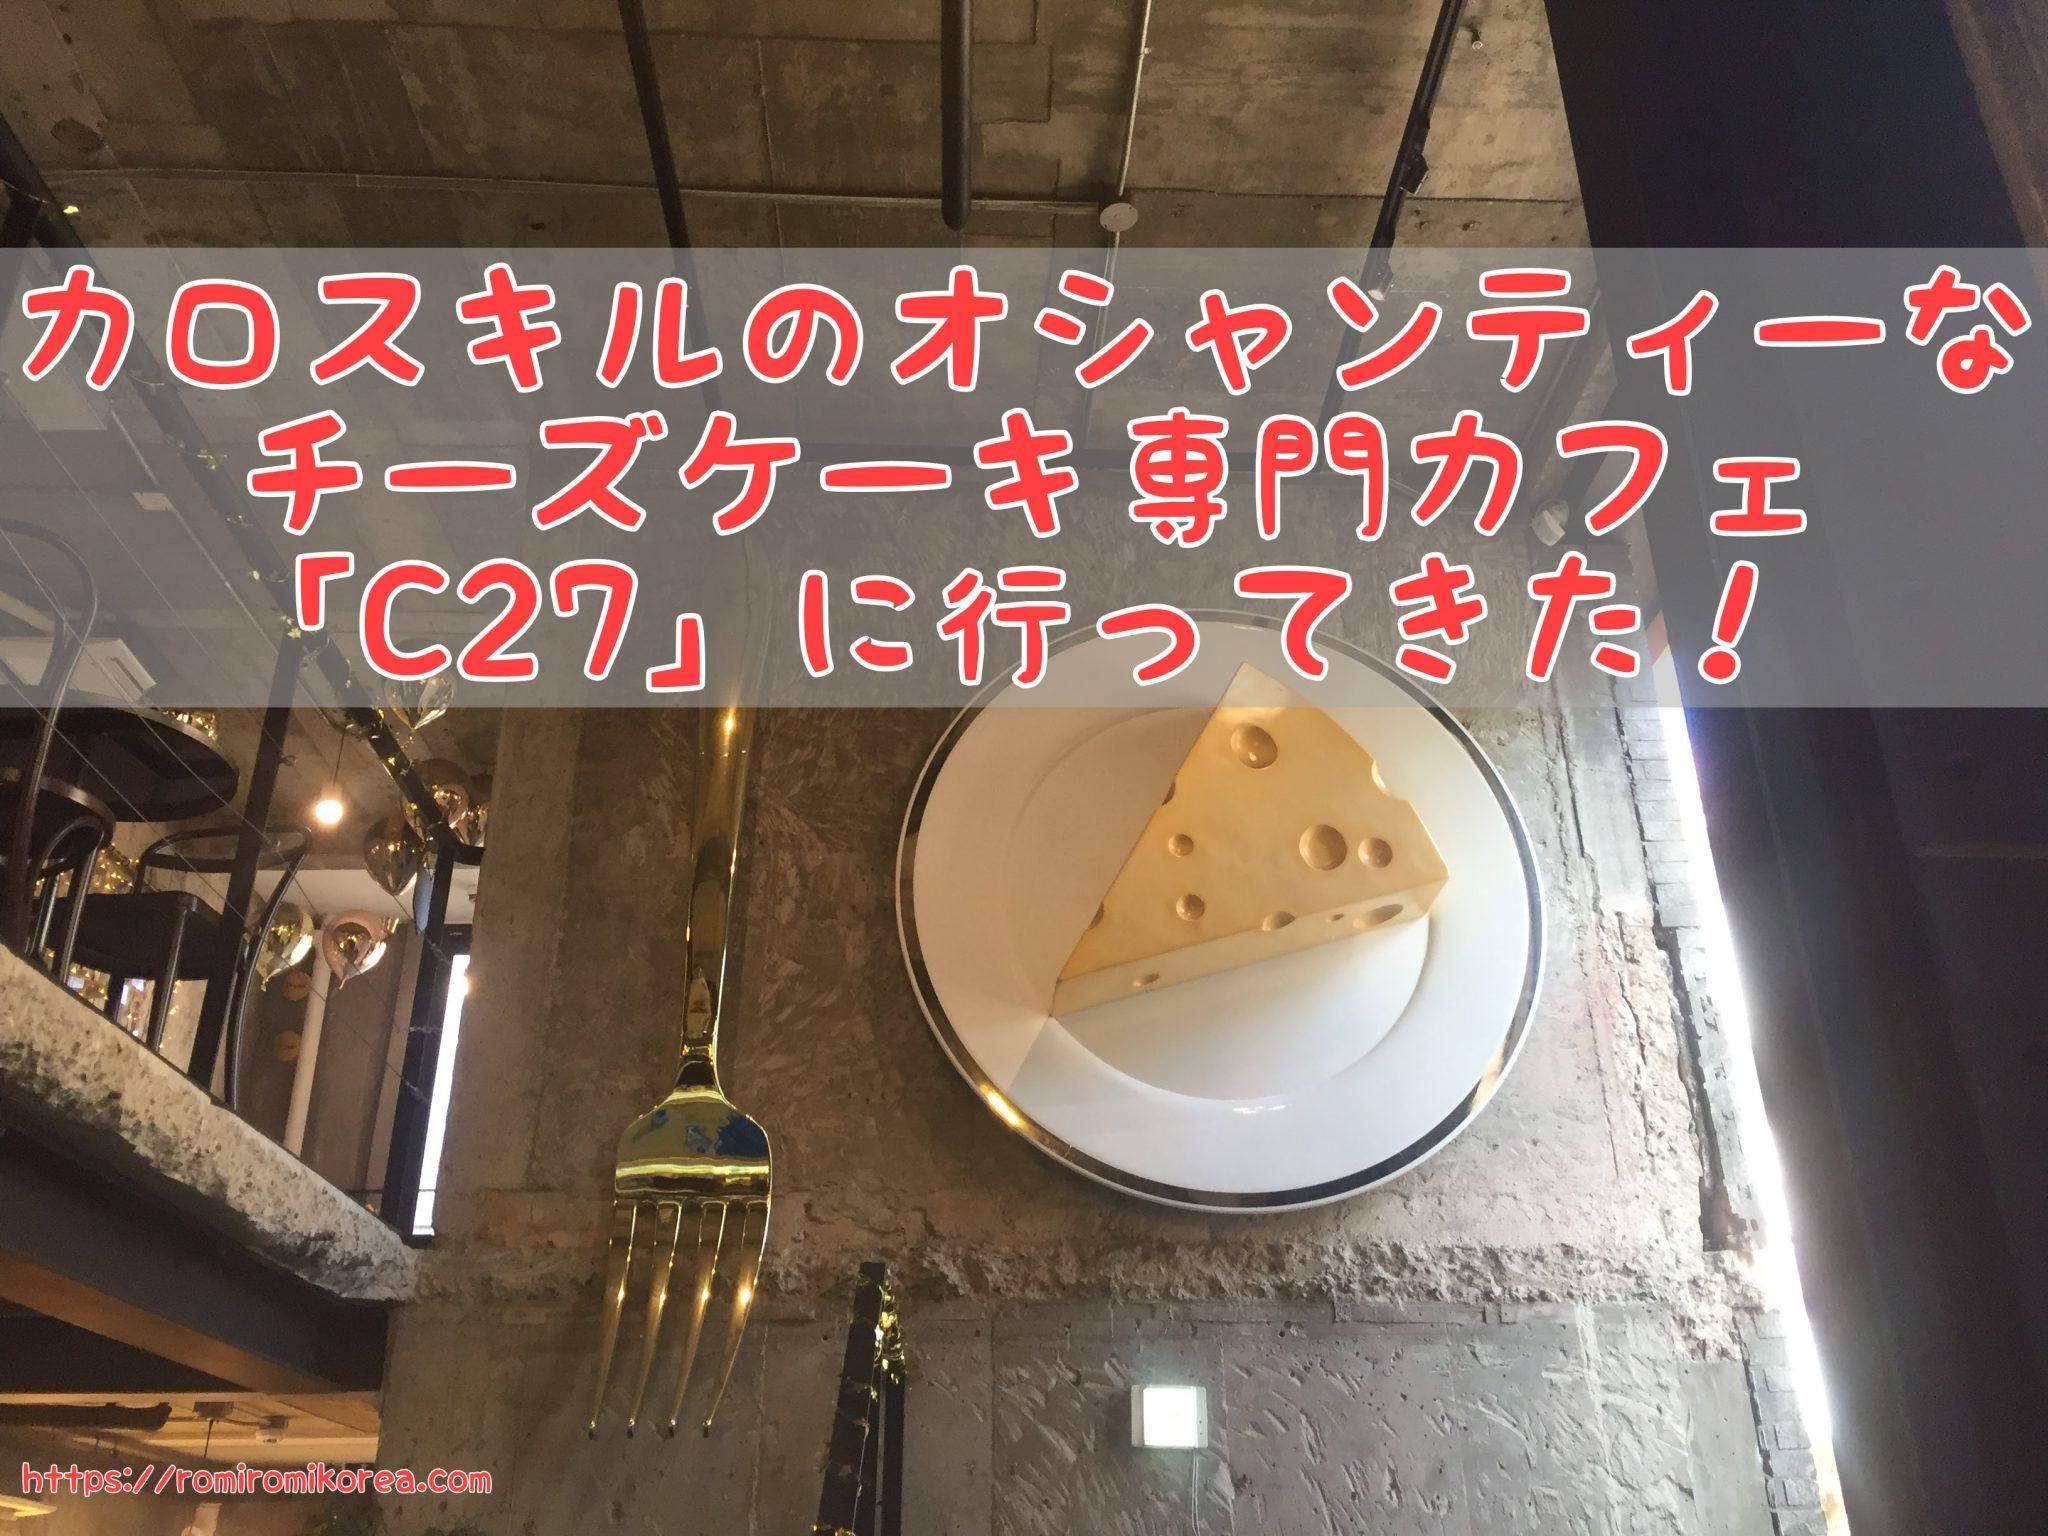 【韓国おしゃれカフェ】カロスキル「C27」。チーズケーキ専門店&バー。カロスキルでゆっくりお茶したい時におススメ!